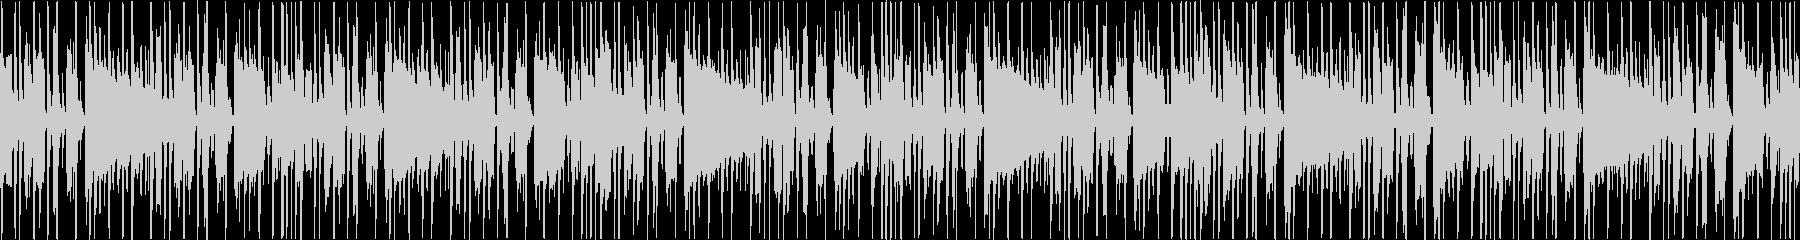 シンプルなファンク風のシンキングタイムの未再生の波形